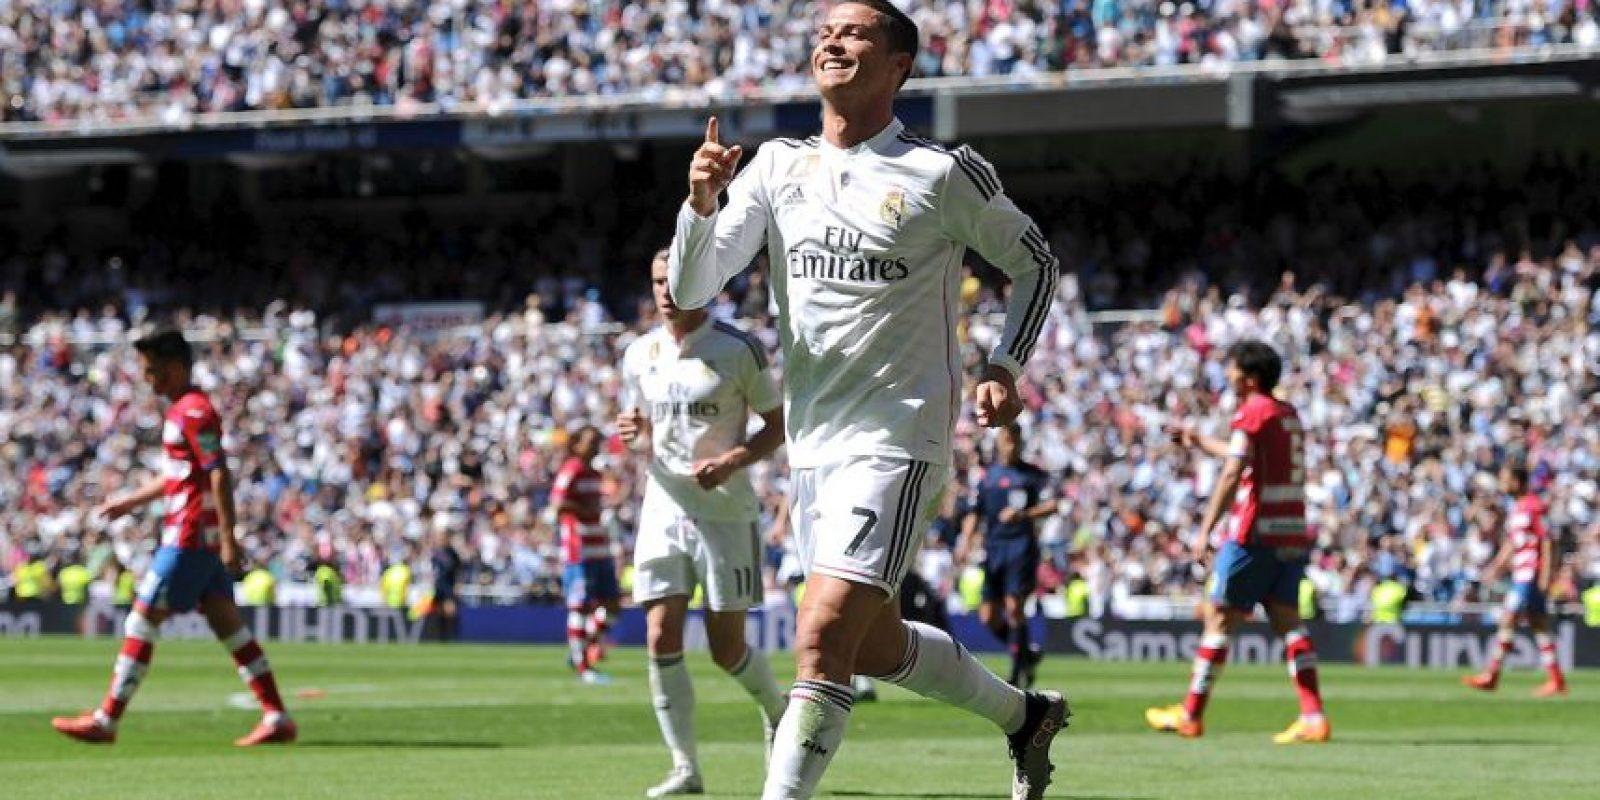 Antes ya había dicho que el verdadero y único Ronaldo era brasileño Foto:Getty Images